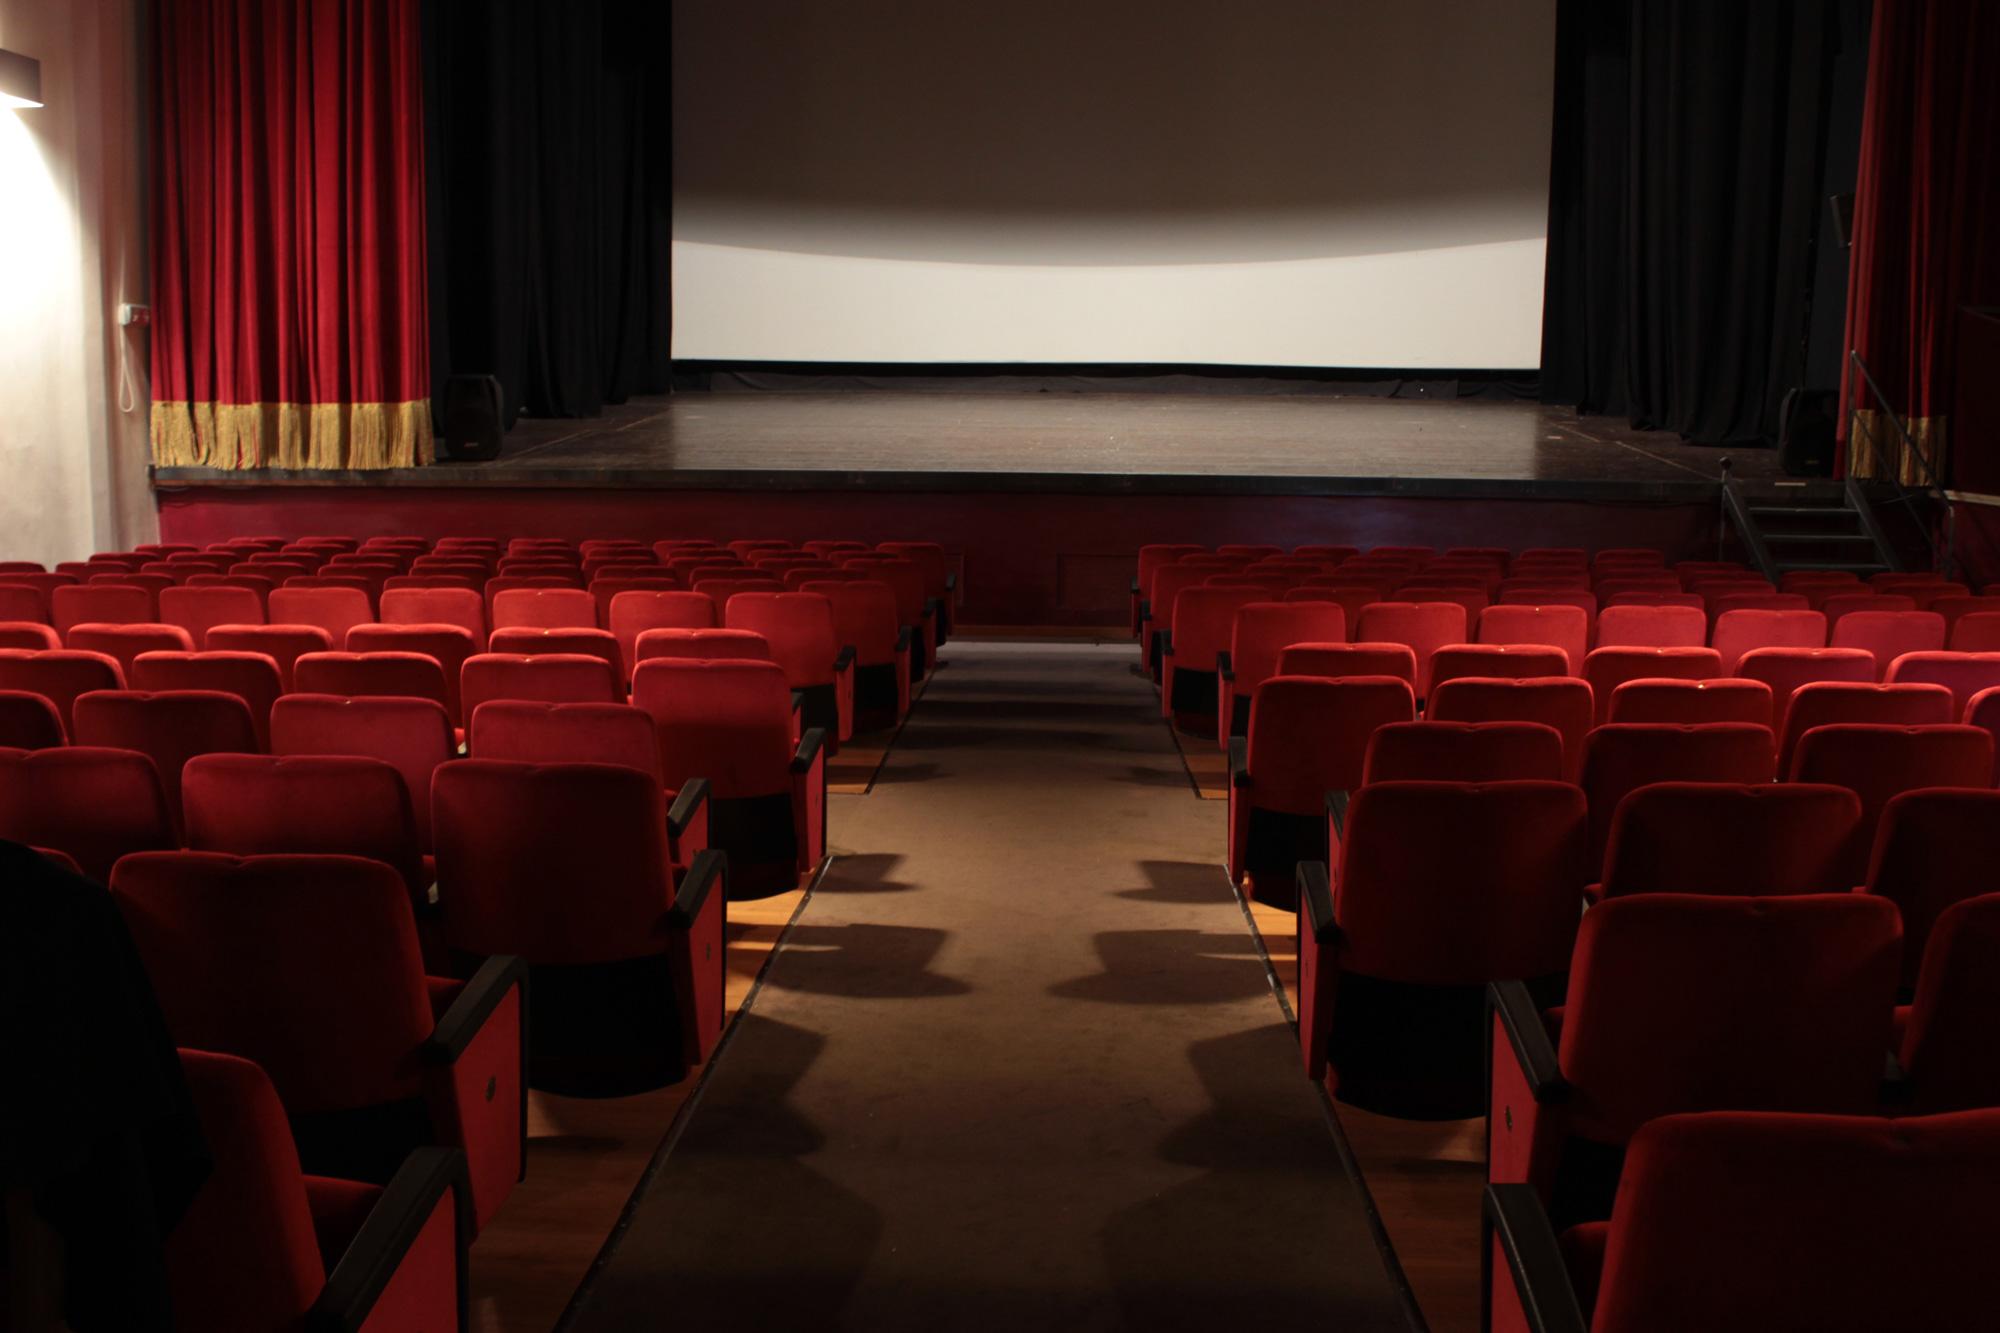 Teatro delle Arti - Casateatro